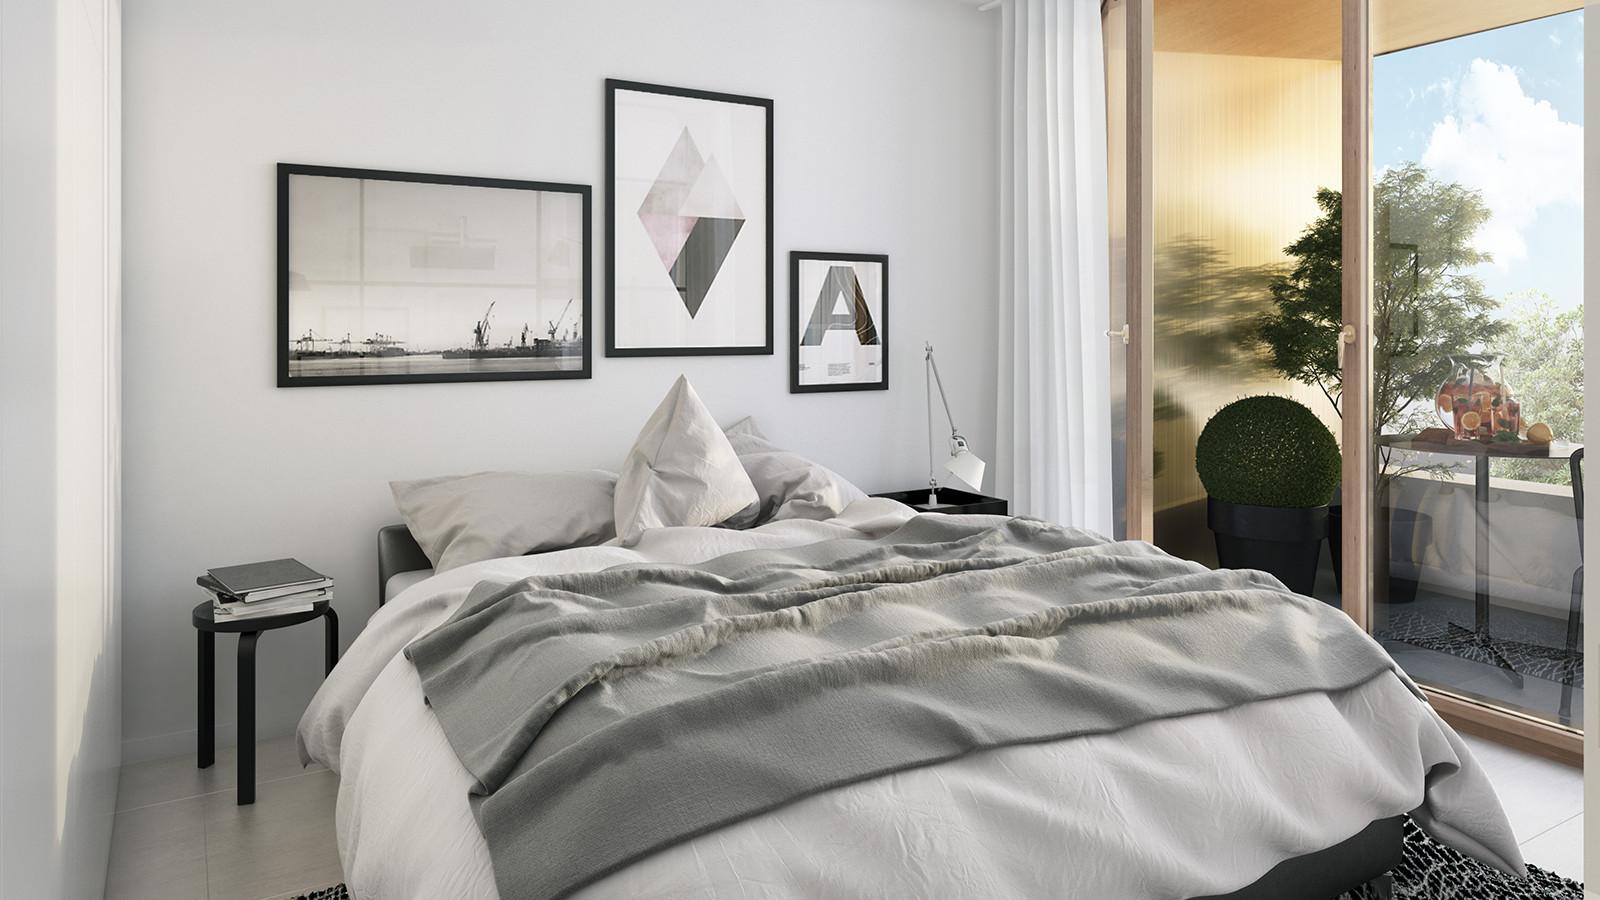 Grandes Perspectives Dans Petits Espaces: Appartements Avec Une Chambre.